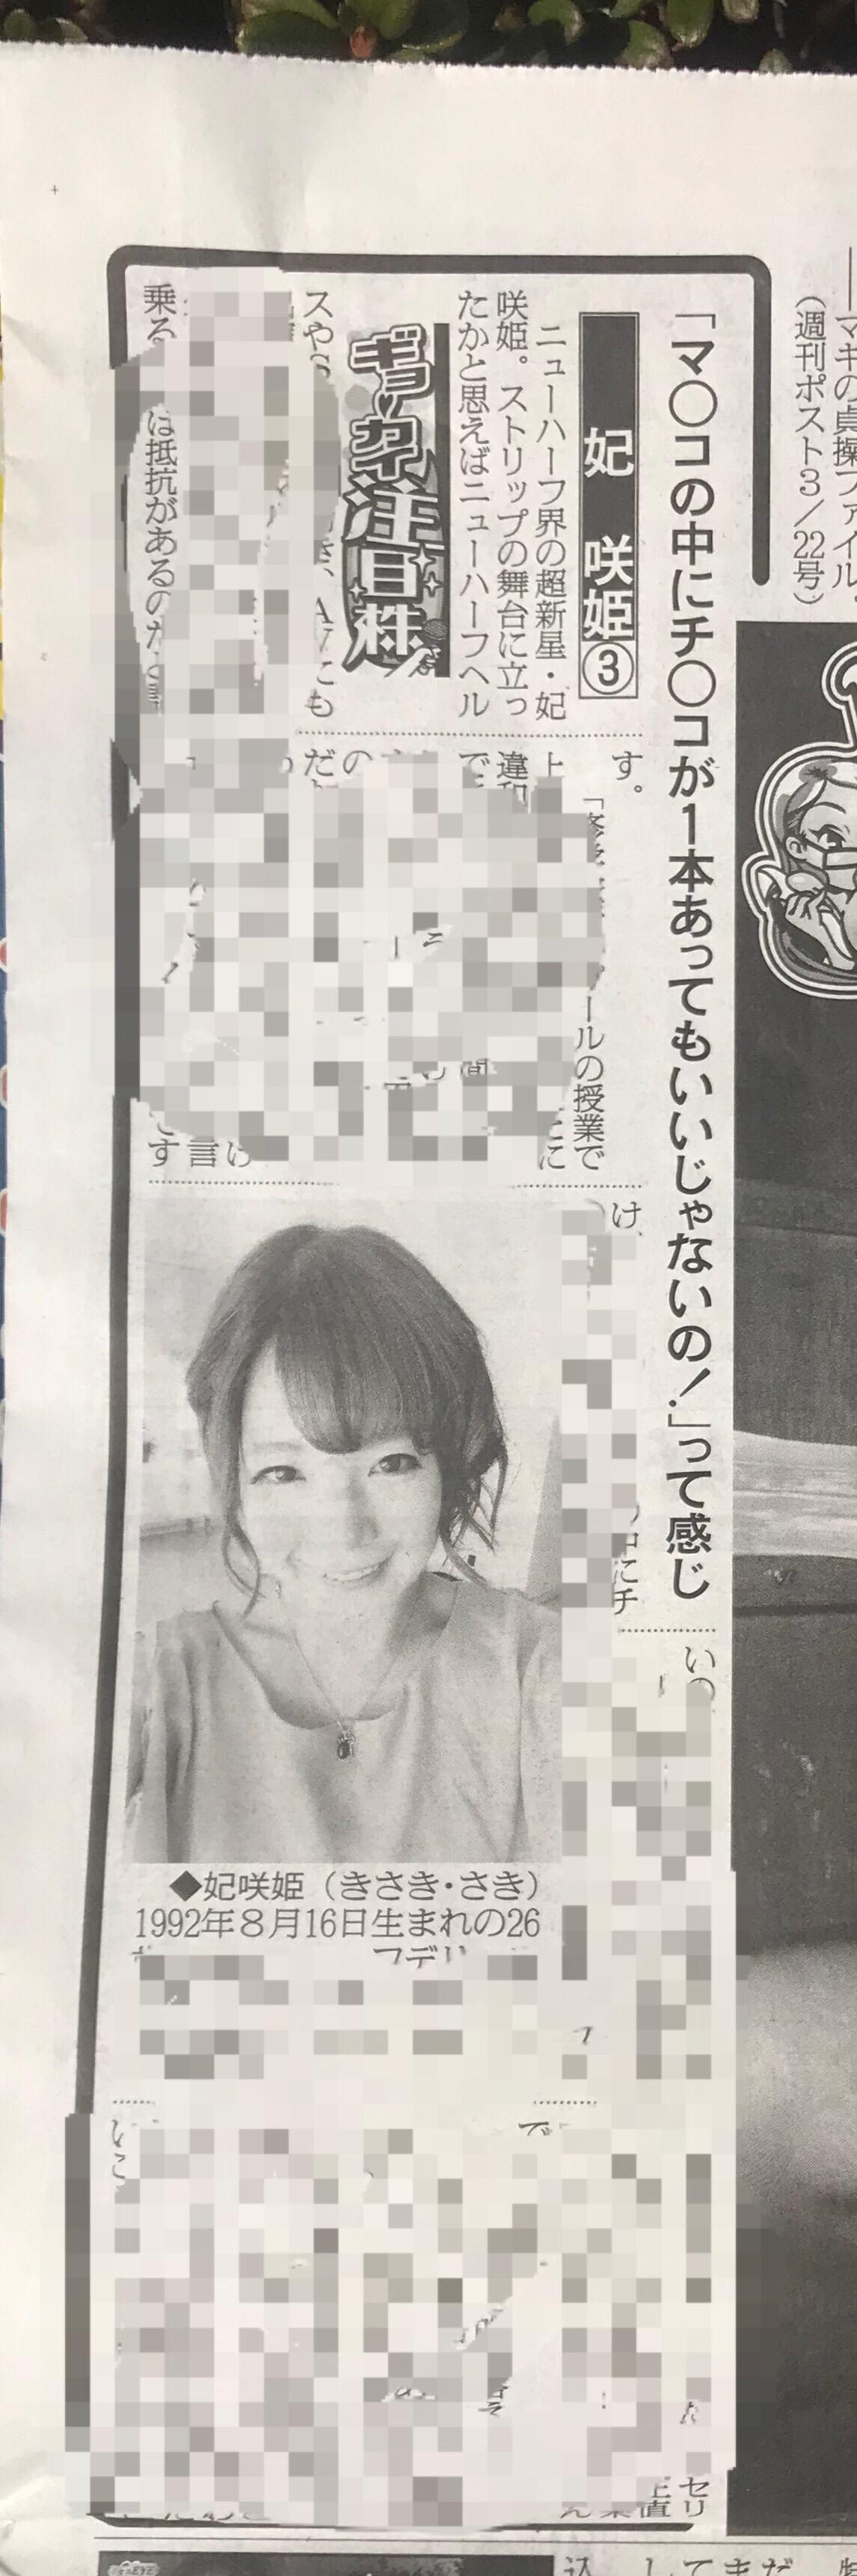 今日 22日 いまーす(//&nabla;//)<img class=&quot;emojione&quot; alt=&quot;❣️&quot; title=&quot;:heart_exclamation:&quot; src=&quot;https://fuzoku.jp/assets/img/emojione/2763.png&quot;/>